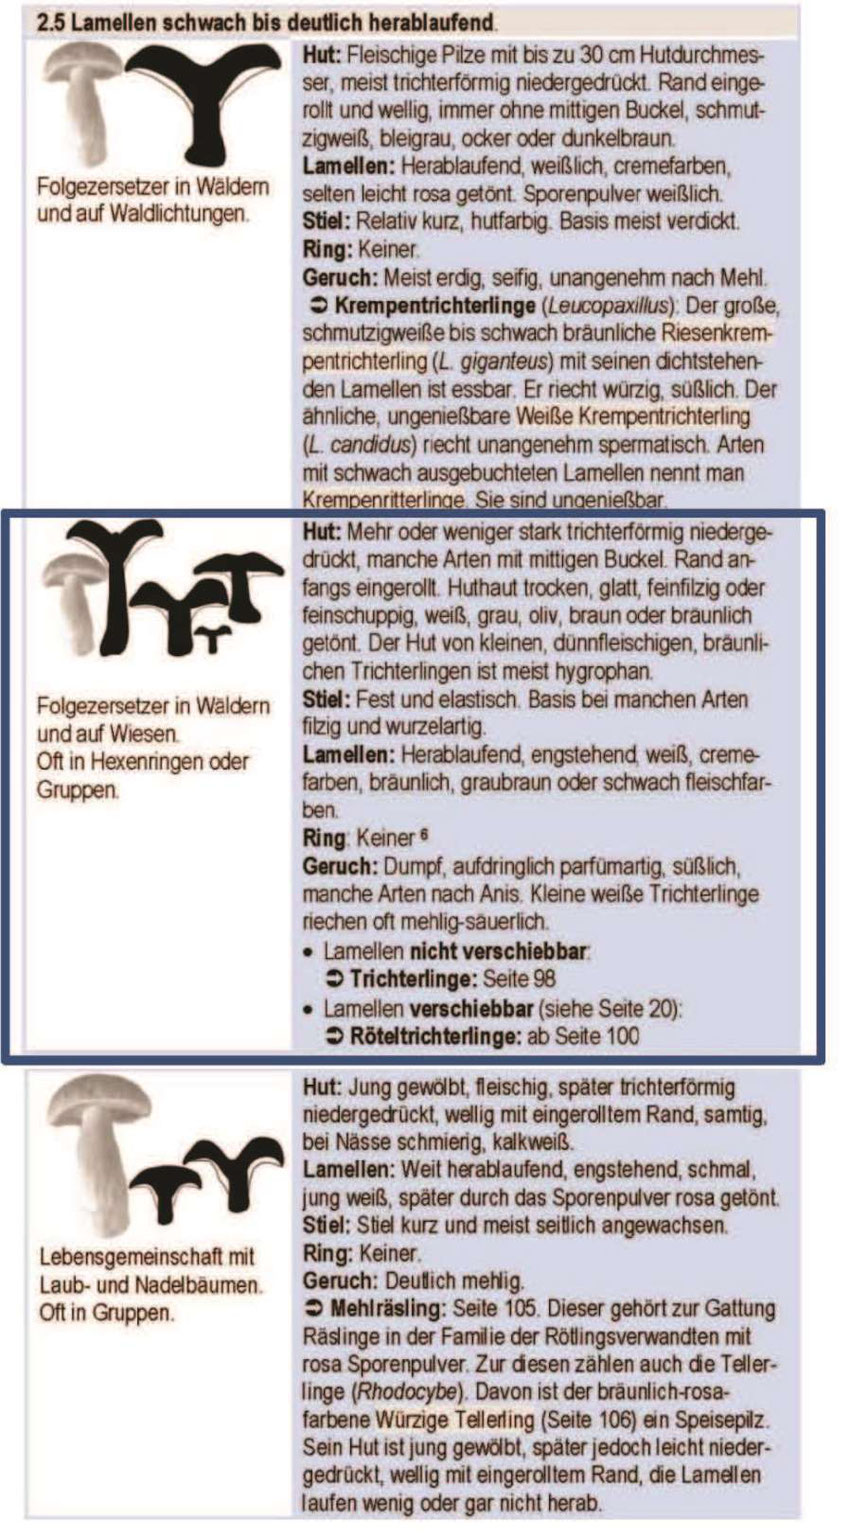 Gattung Trichterlinge oder Röteltrichterlinge gefunden